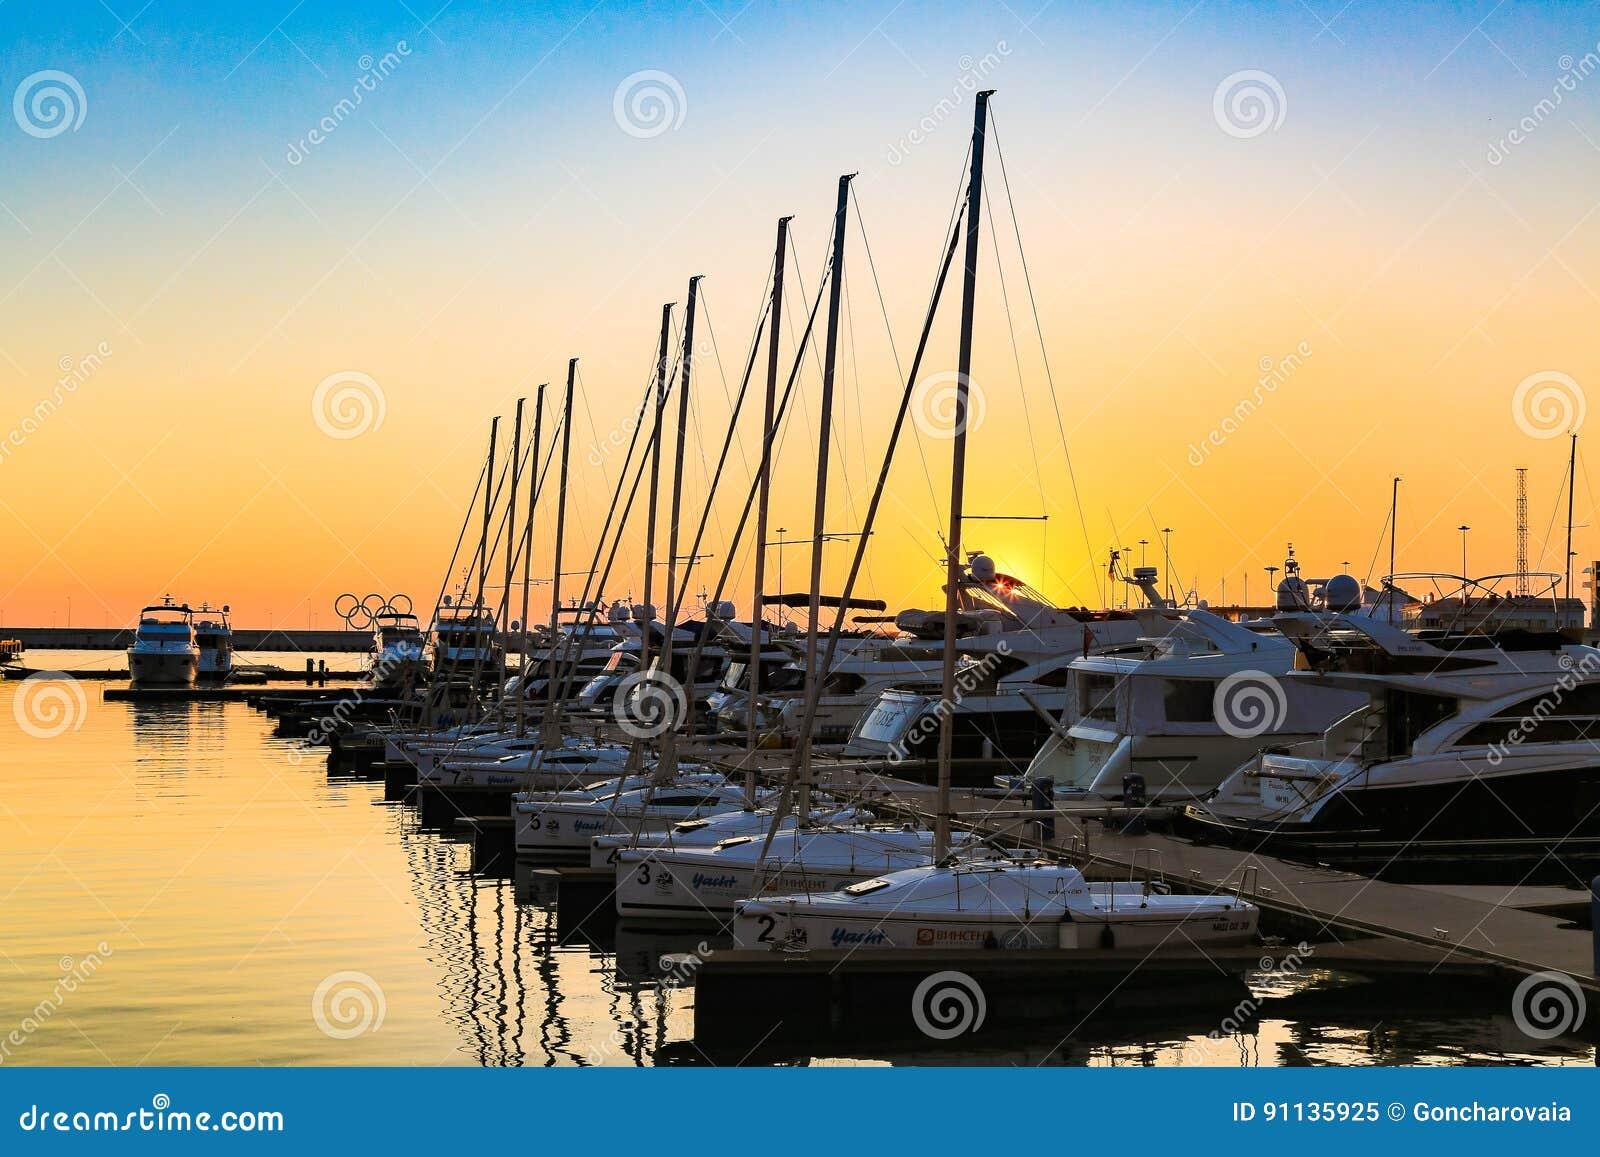 Żeglowanie łodzie i luksusowi jachty dokowali w porcie morskim w morzu przy zmierzchem